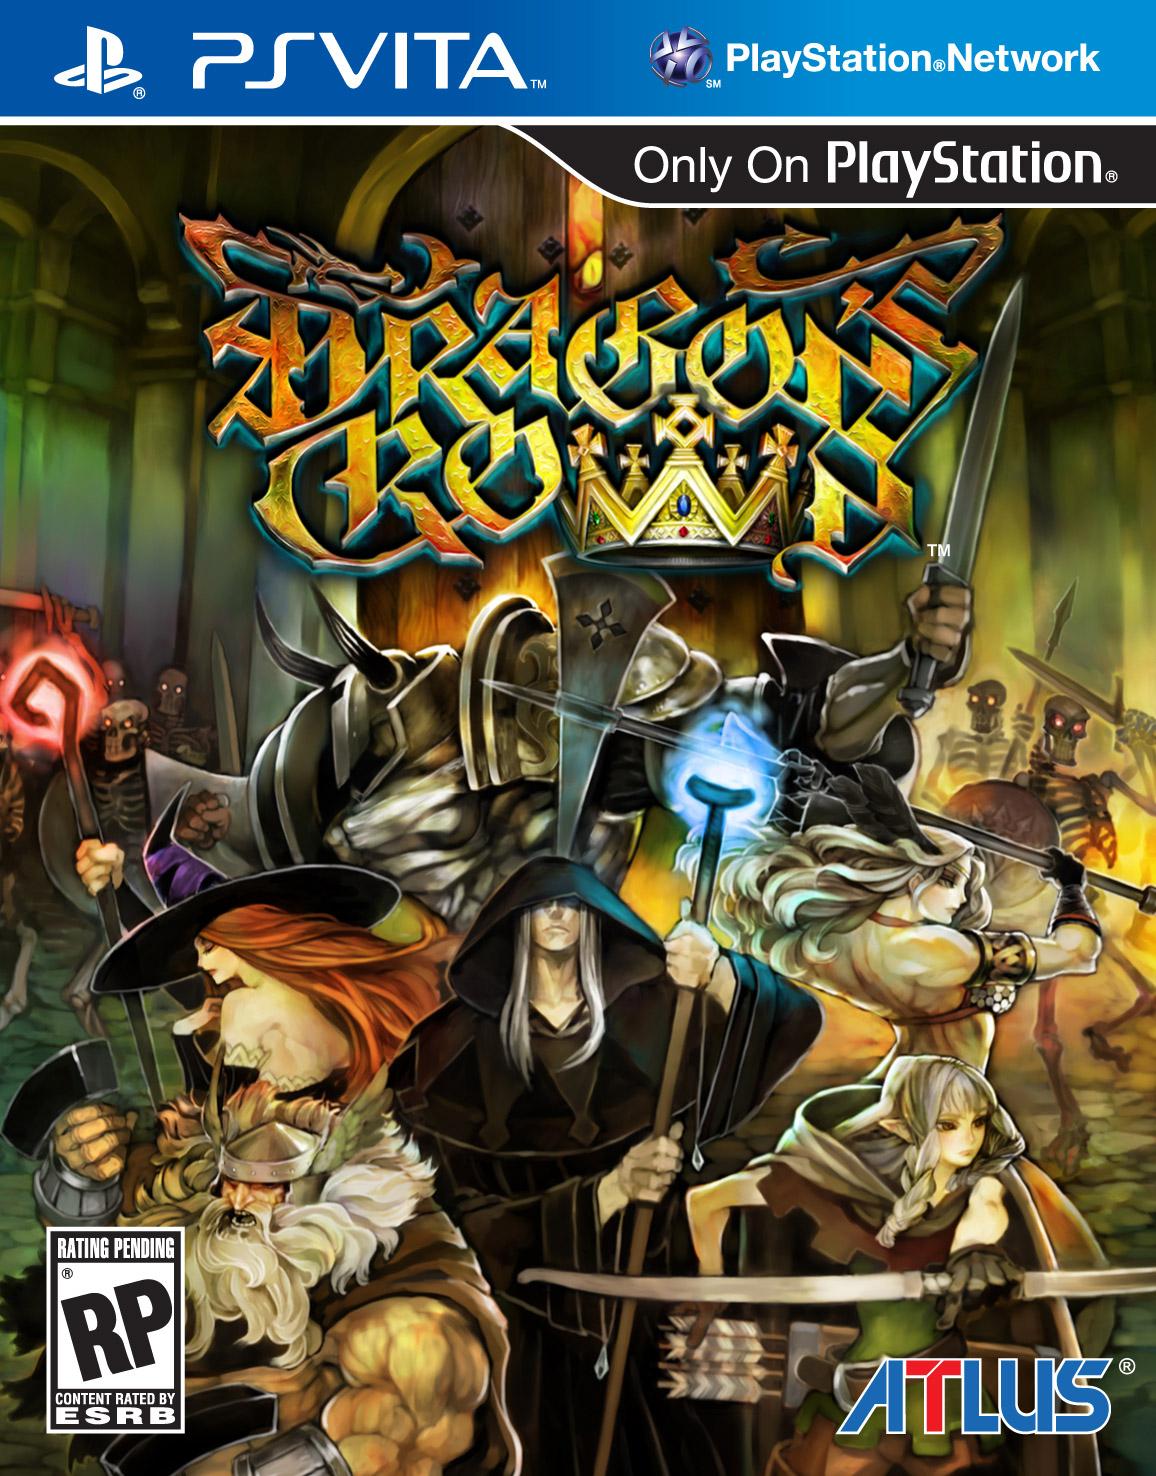 Les jeux de 2014 & et le jeu de 2014 + toutes les infos Next Gen!! - Page 19 Dragons-Crown-PS-Vita